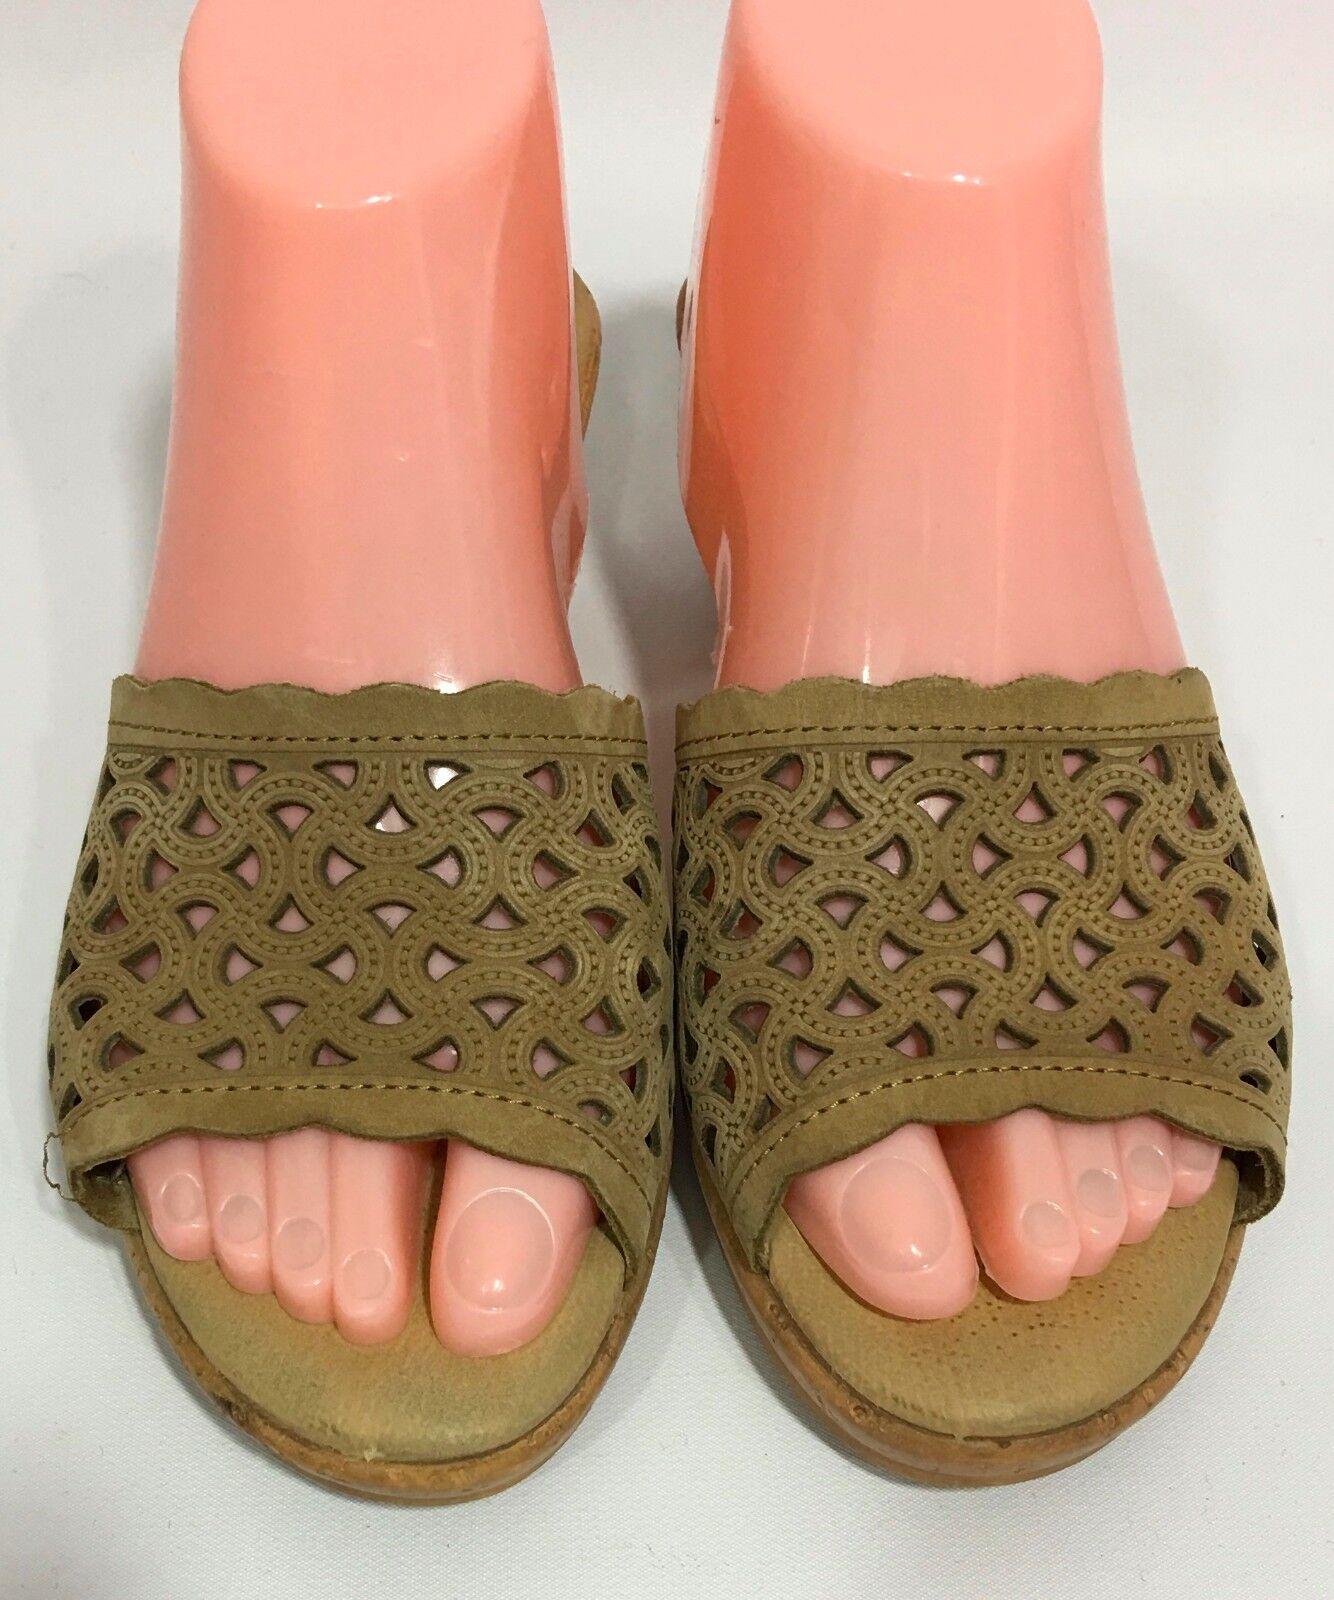 Spring Step Tan Beige Wedge Heel Sandals Slides 7.5/8 Shoes Size 38 US 7.5/8 Slides 610320